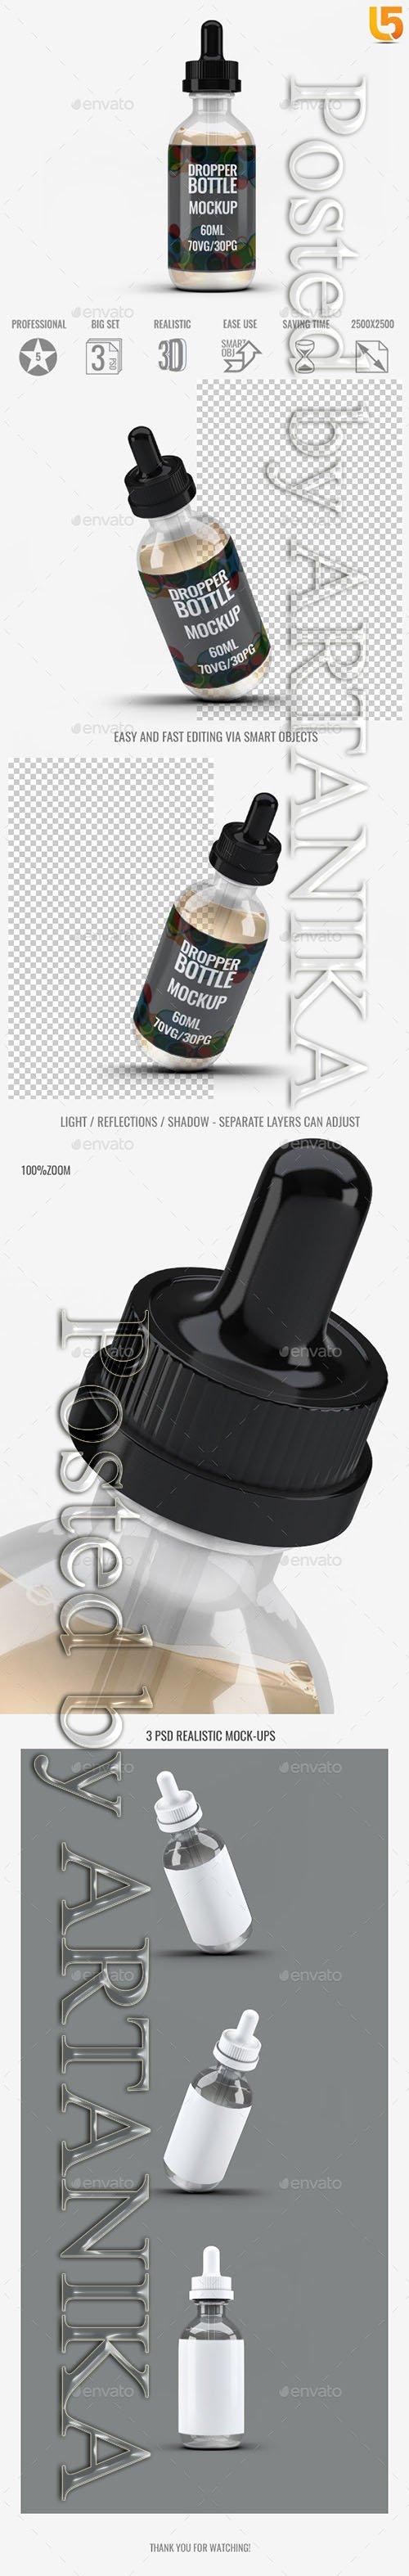 60ml Dropper Bottle Mock-Up 21789302